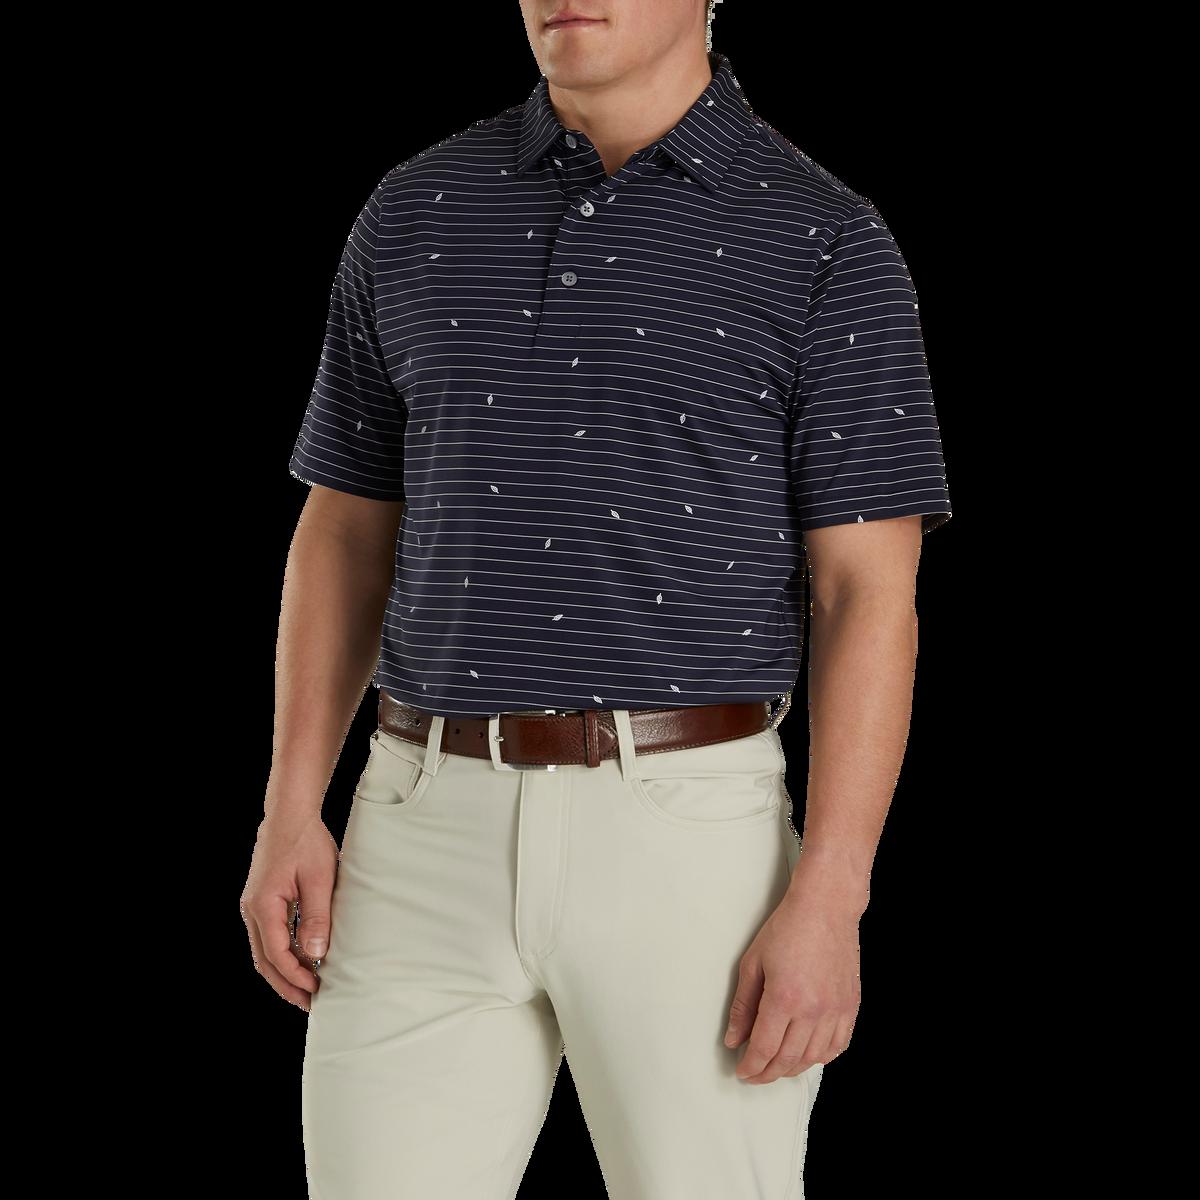 Athletic Fit Lisle Stripe Self Collar